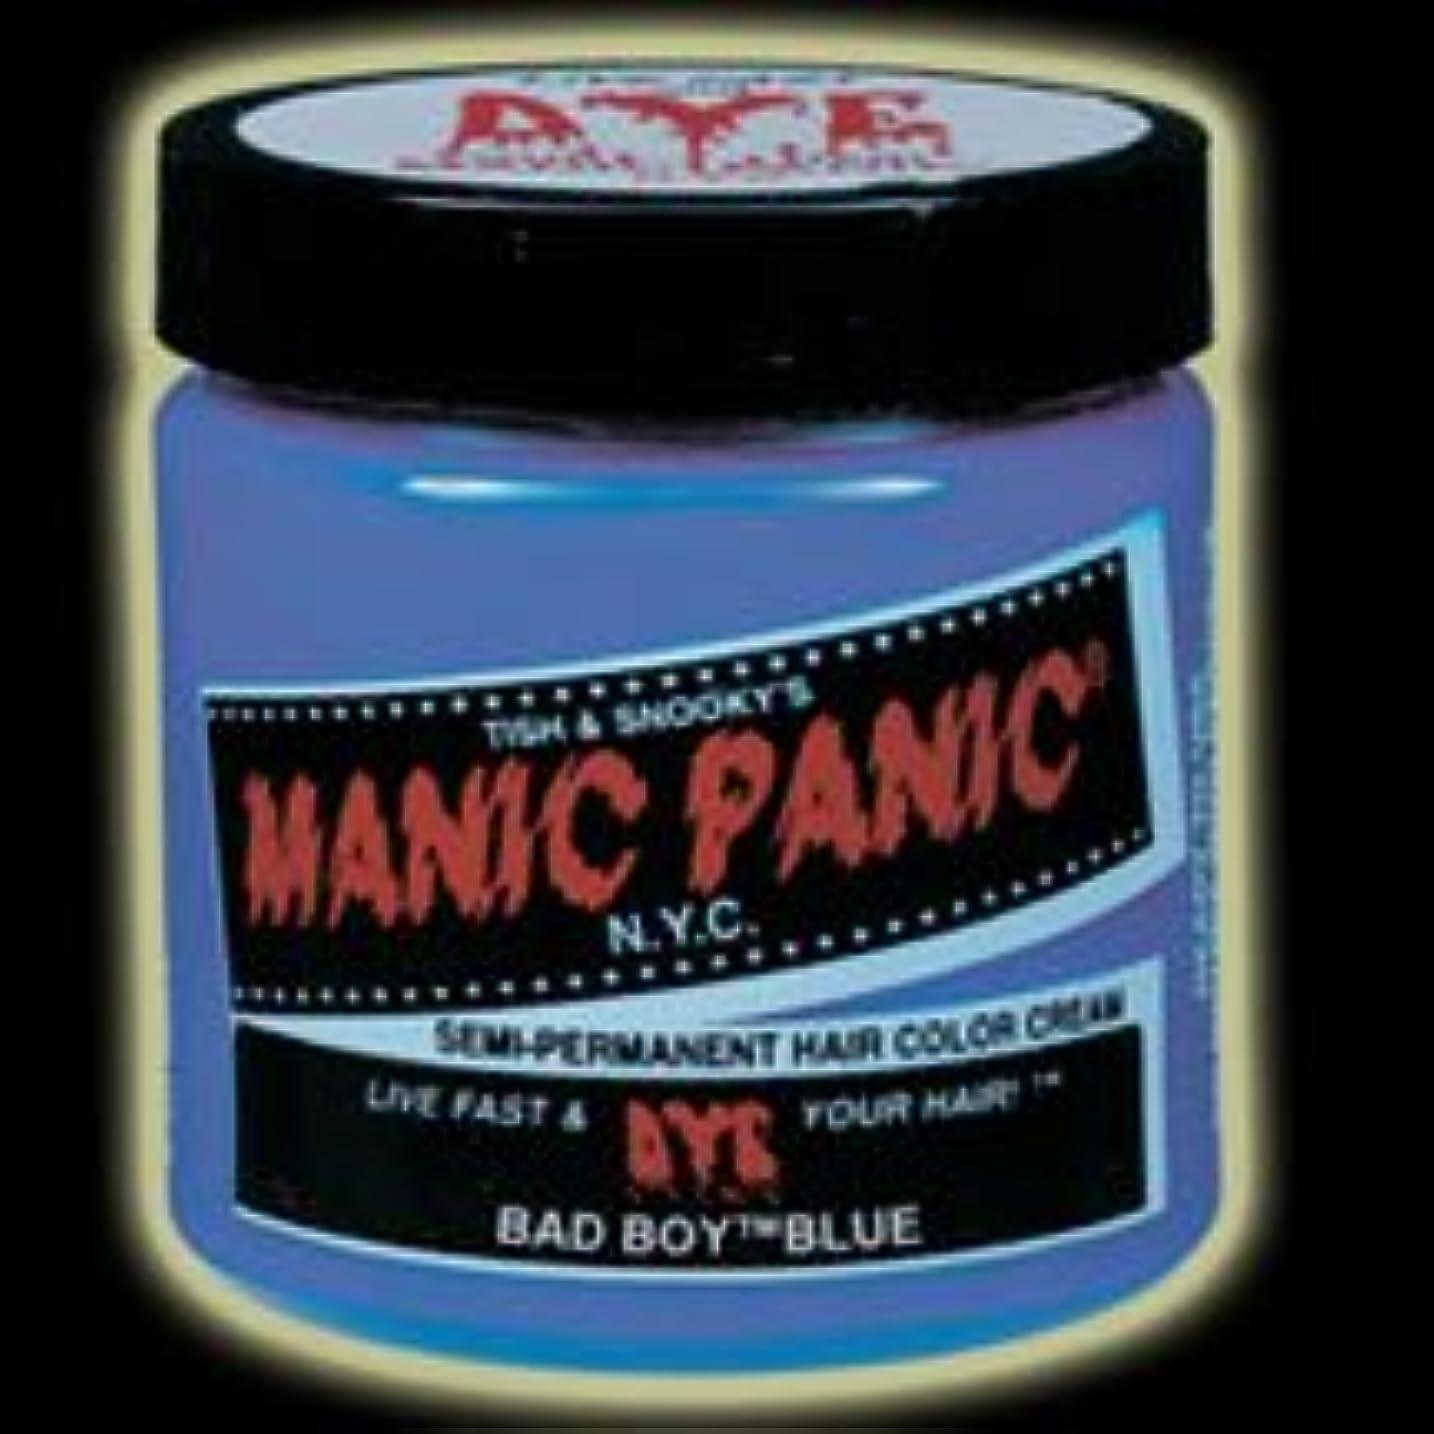 リーン転倒ハブMANIC PANICマニックパニック:Bad Boy Blue (バッド?ボーイ?ブルー)